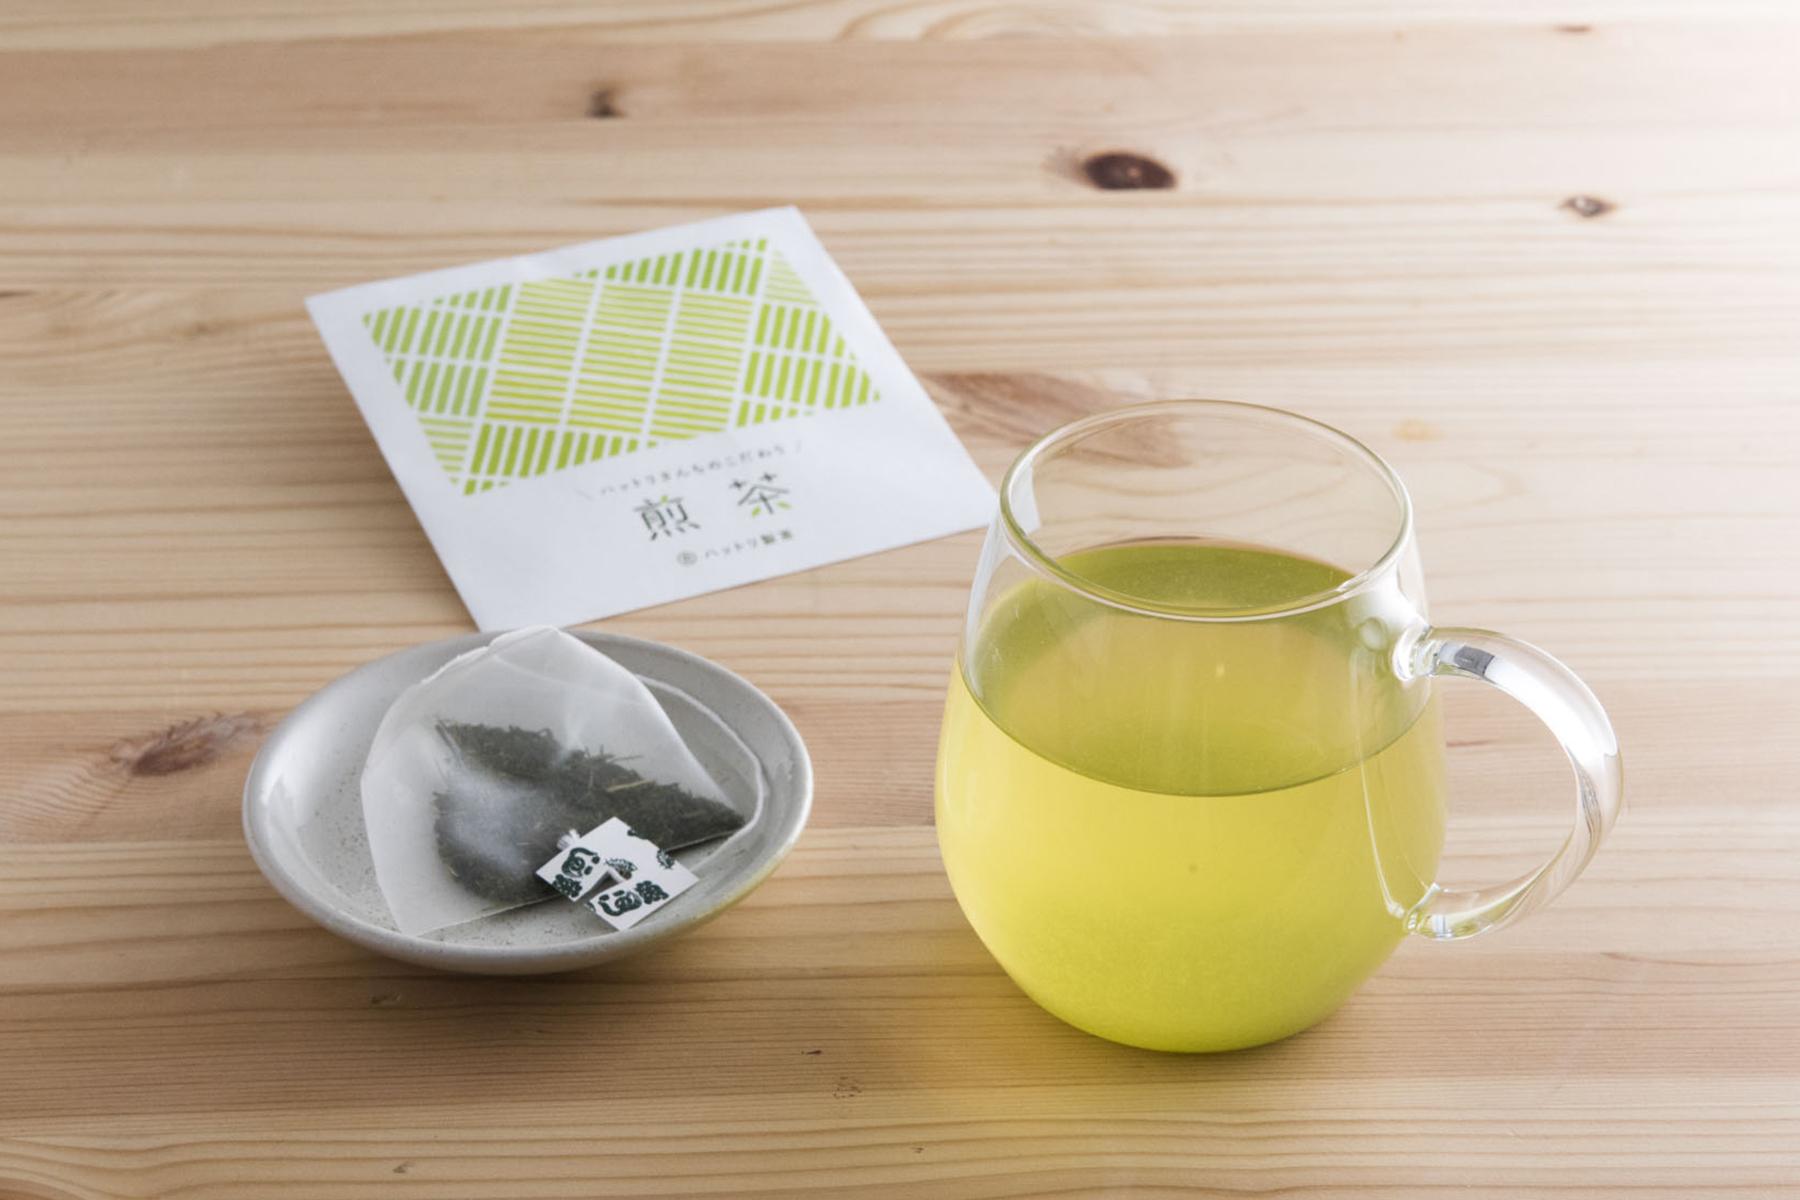 丸合ハットリ製茶 / こだわり煎茶(ティーバッグ)8袋セット